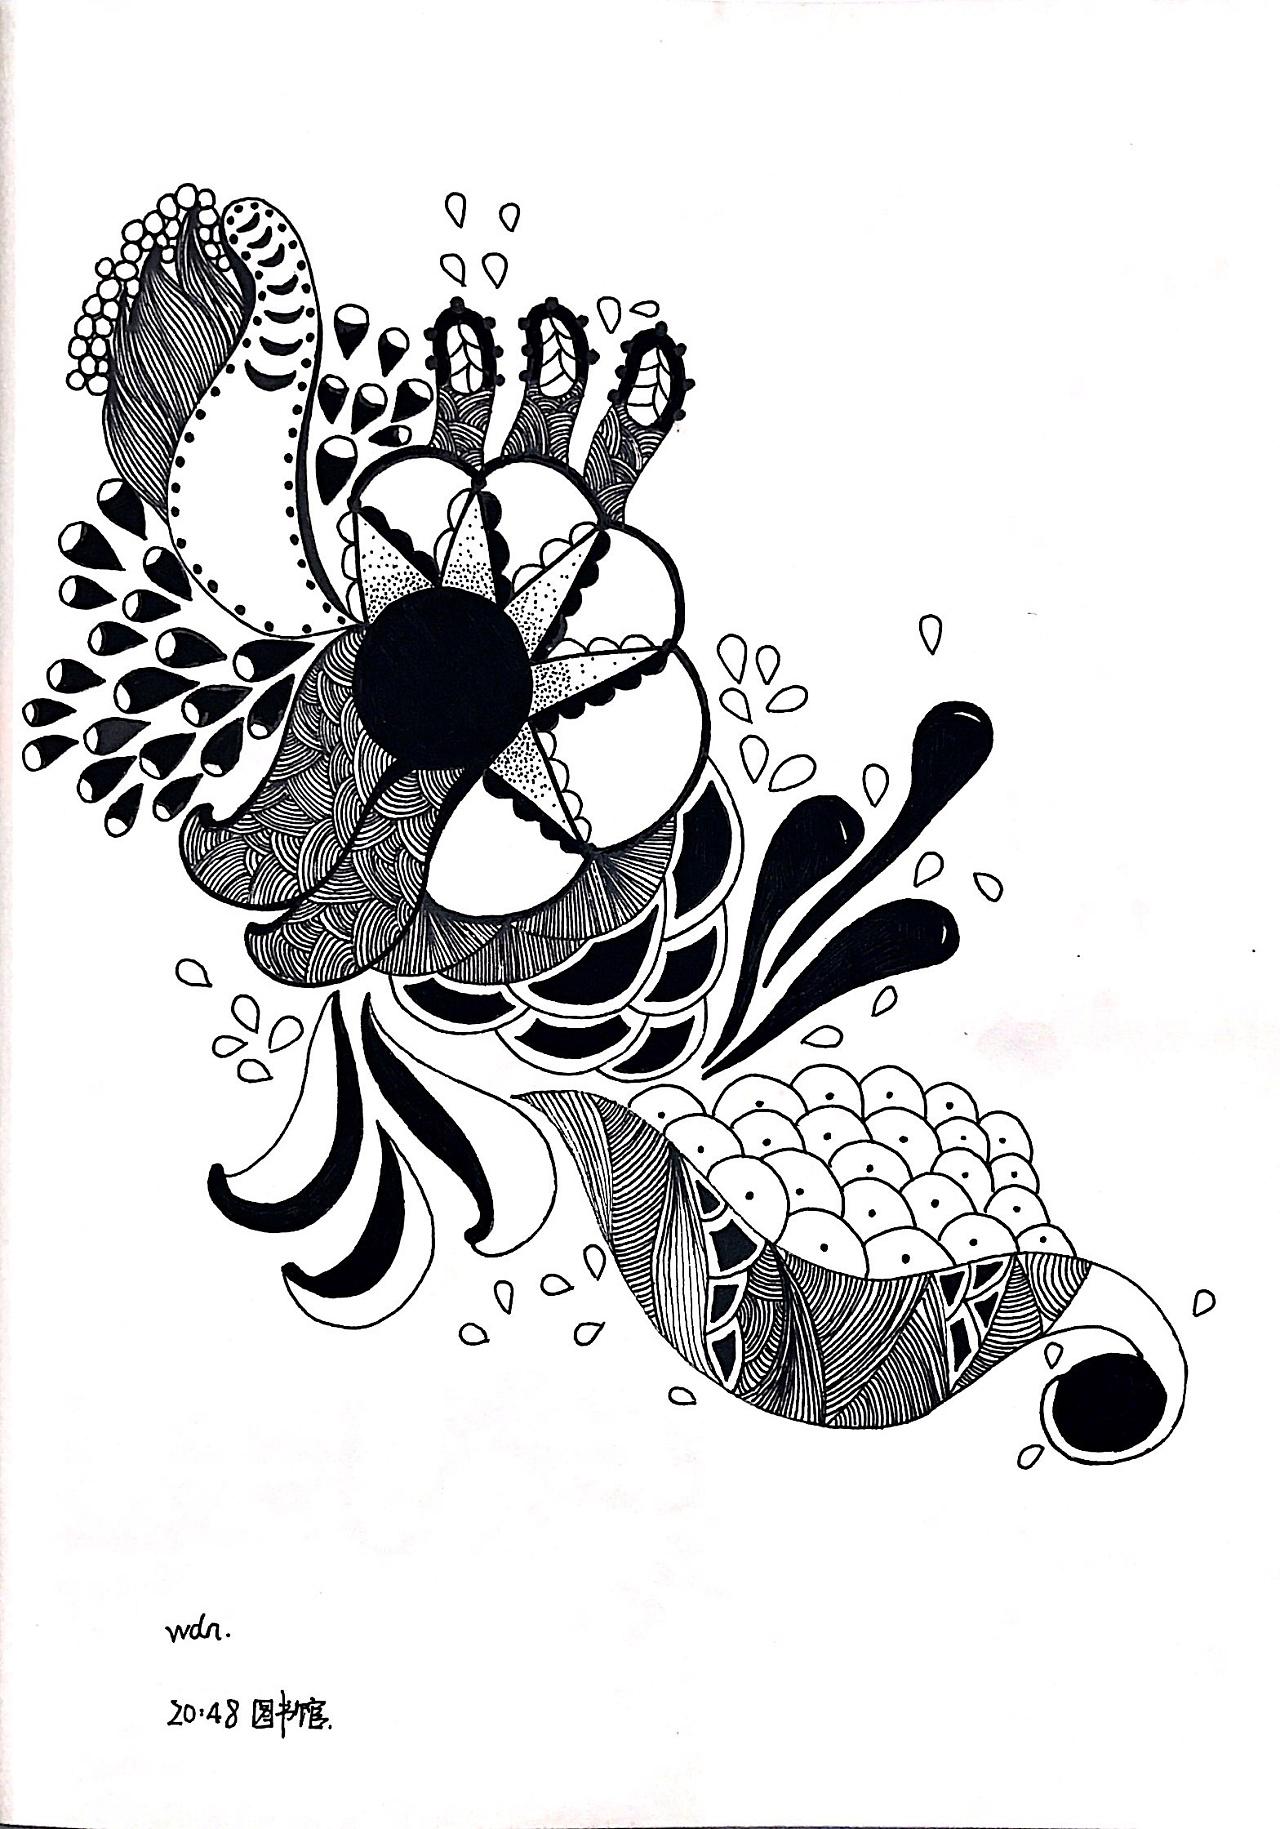 禅绕画 线描装饰画 手绘 插画